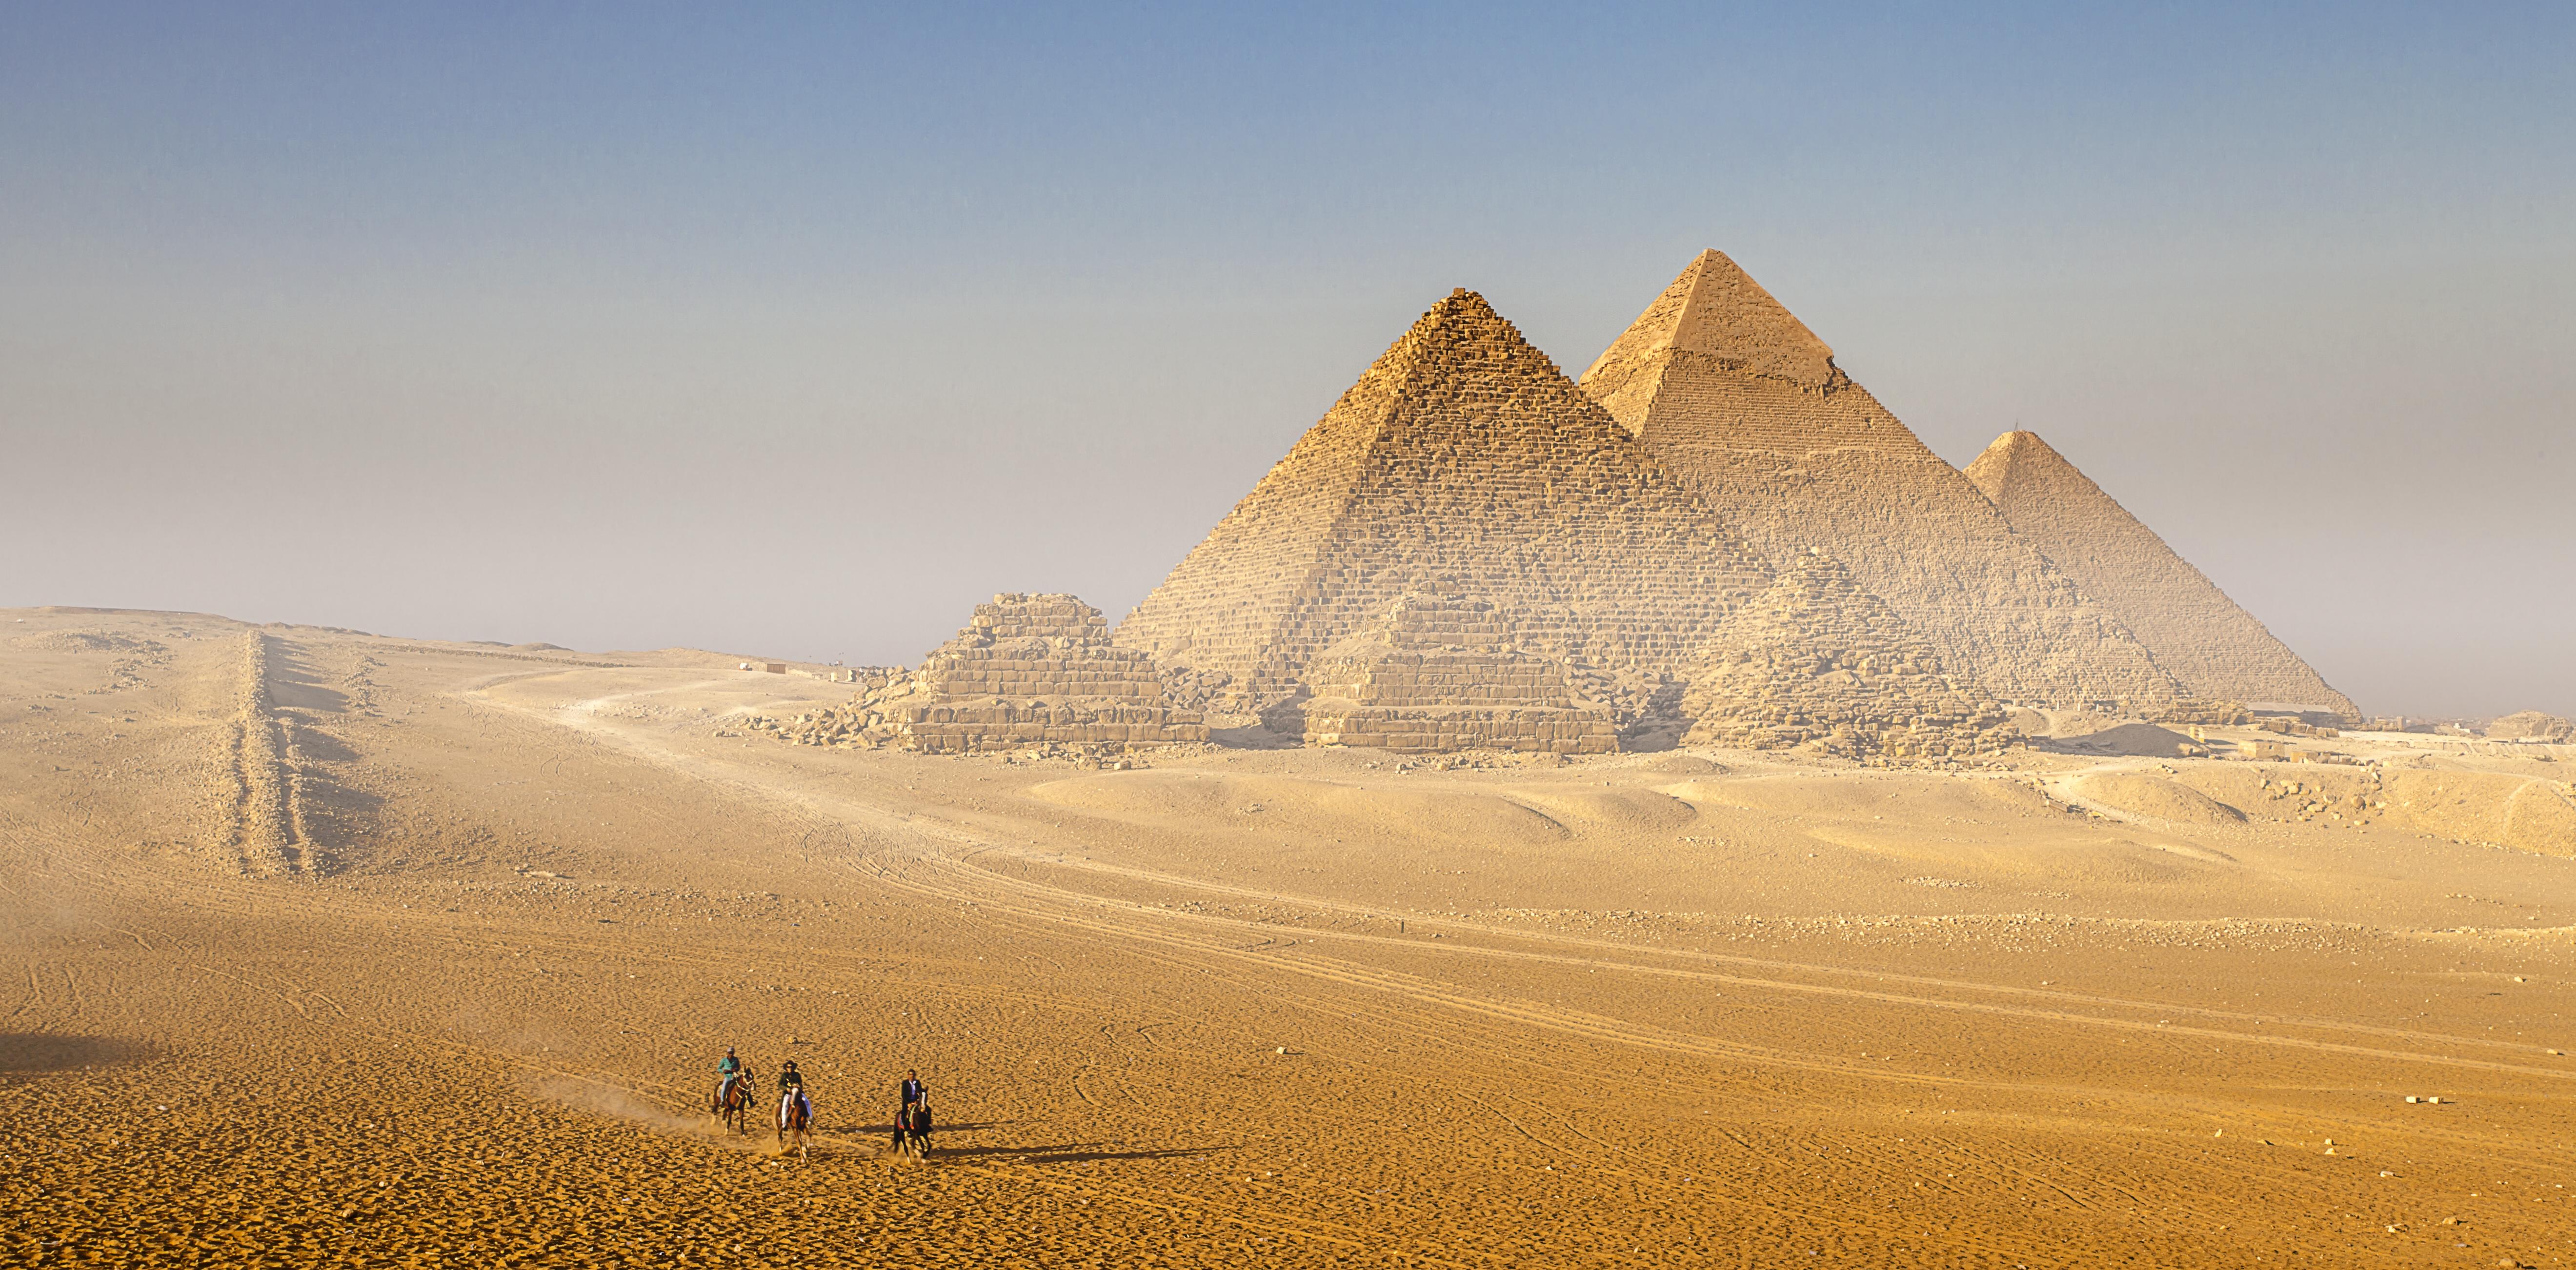 como-construyeron-piramides-egipto-secreto-descubrimiento